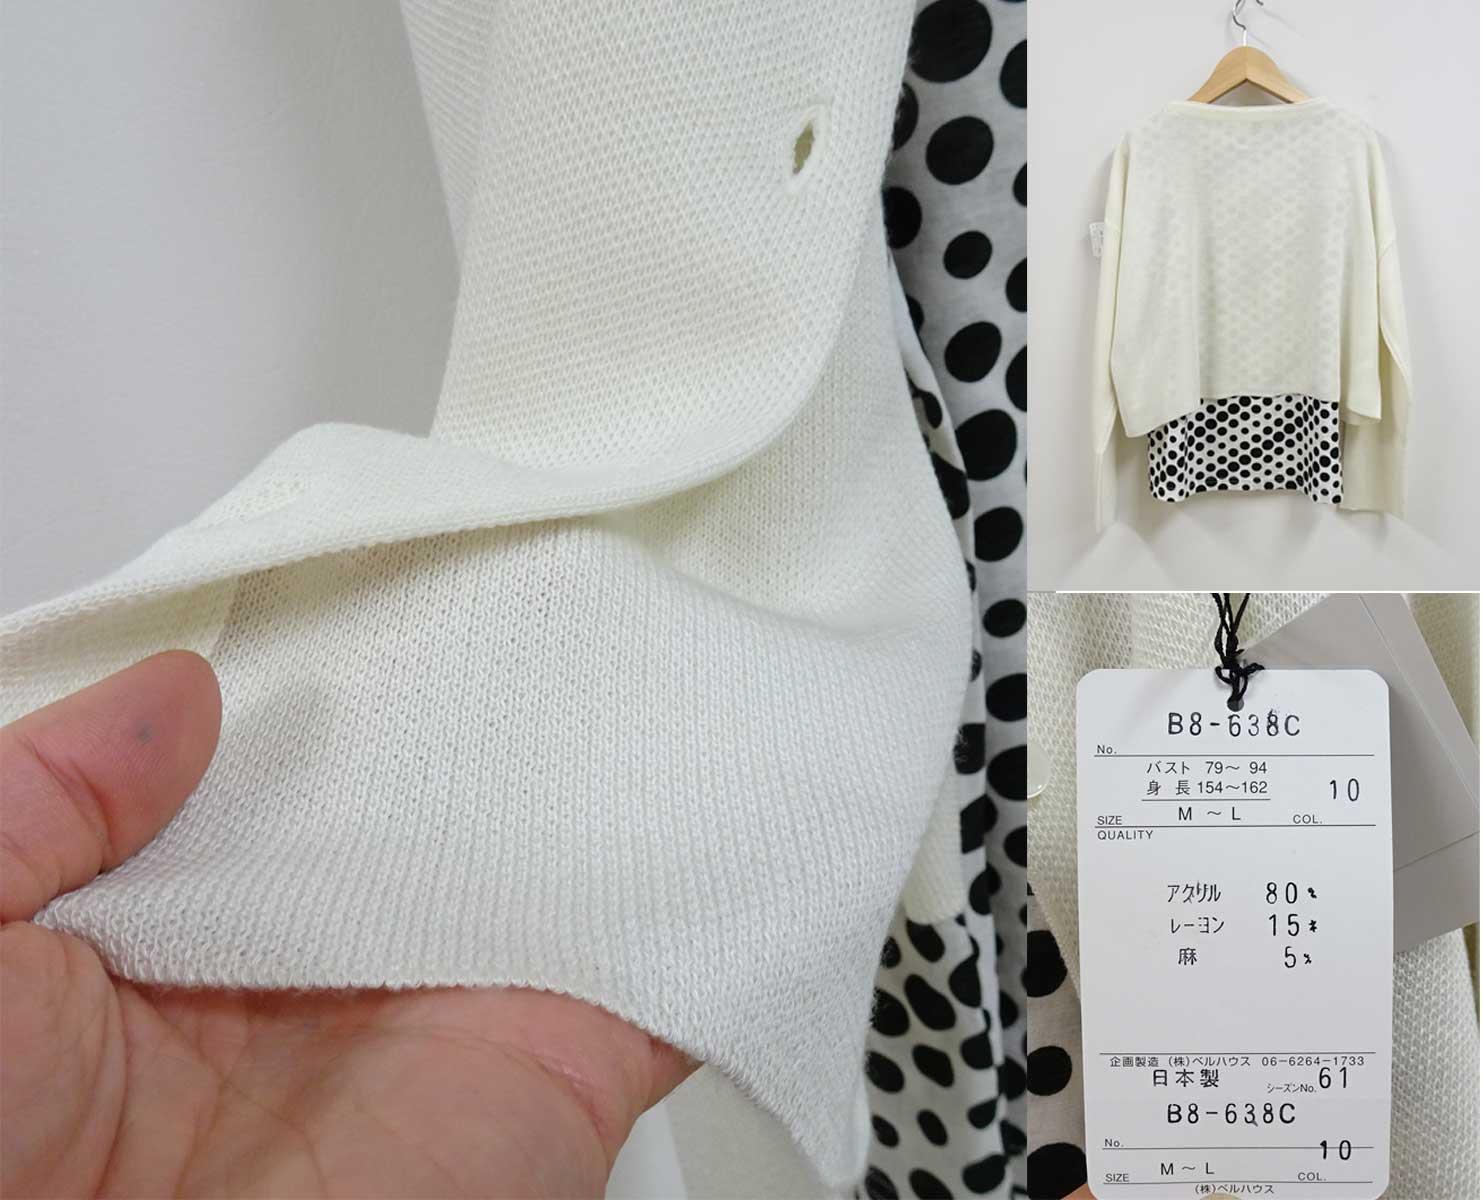 レディース用ショート丈の長袖カーディガン白アップ